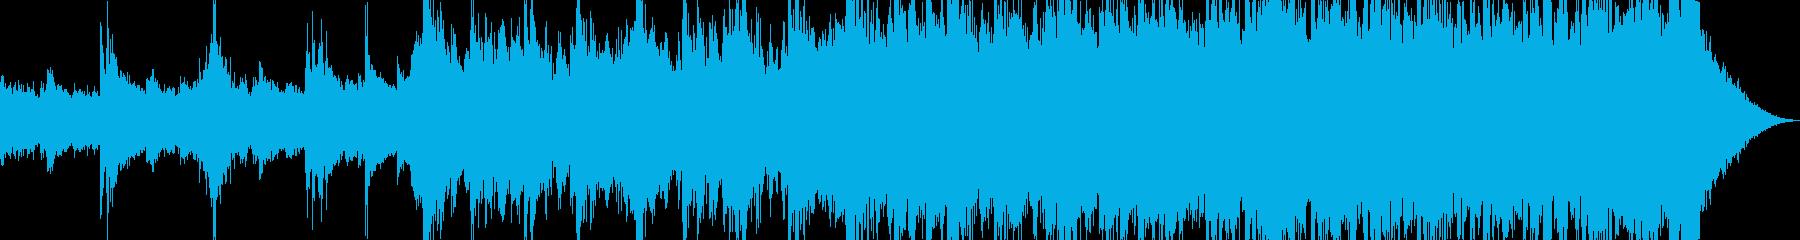 現代的 交響曲 クラシック アクテ...の再生済みの波形